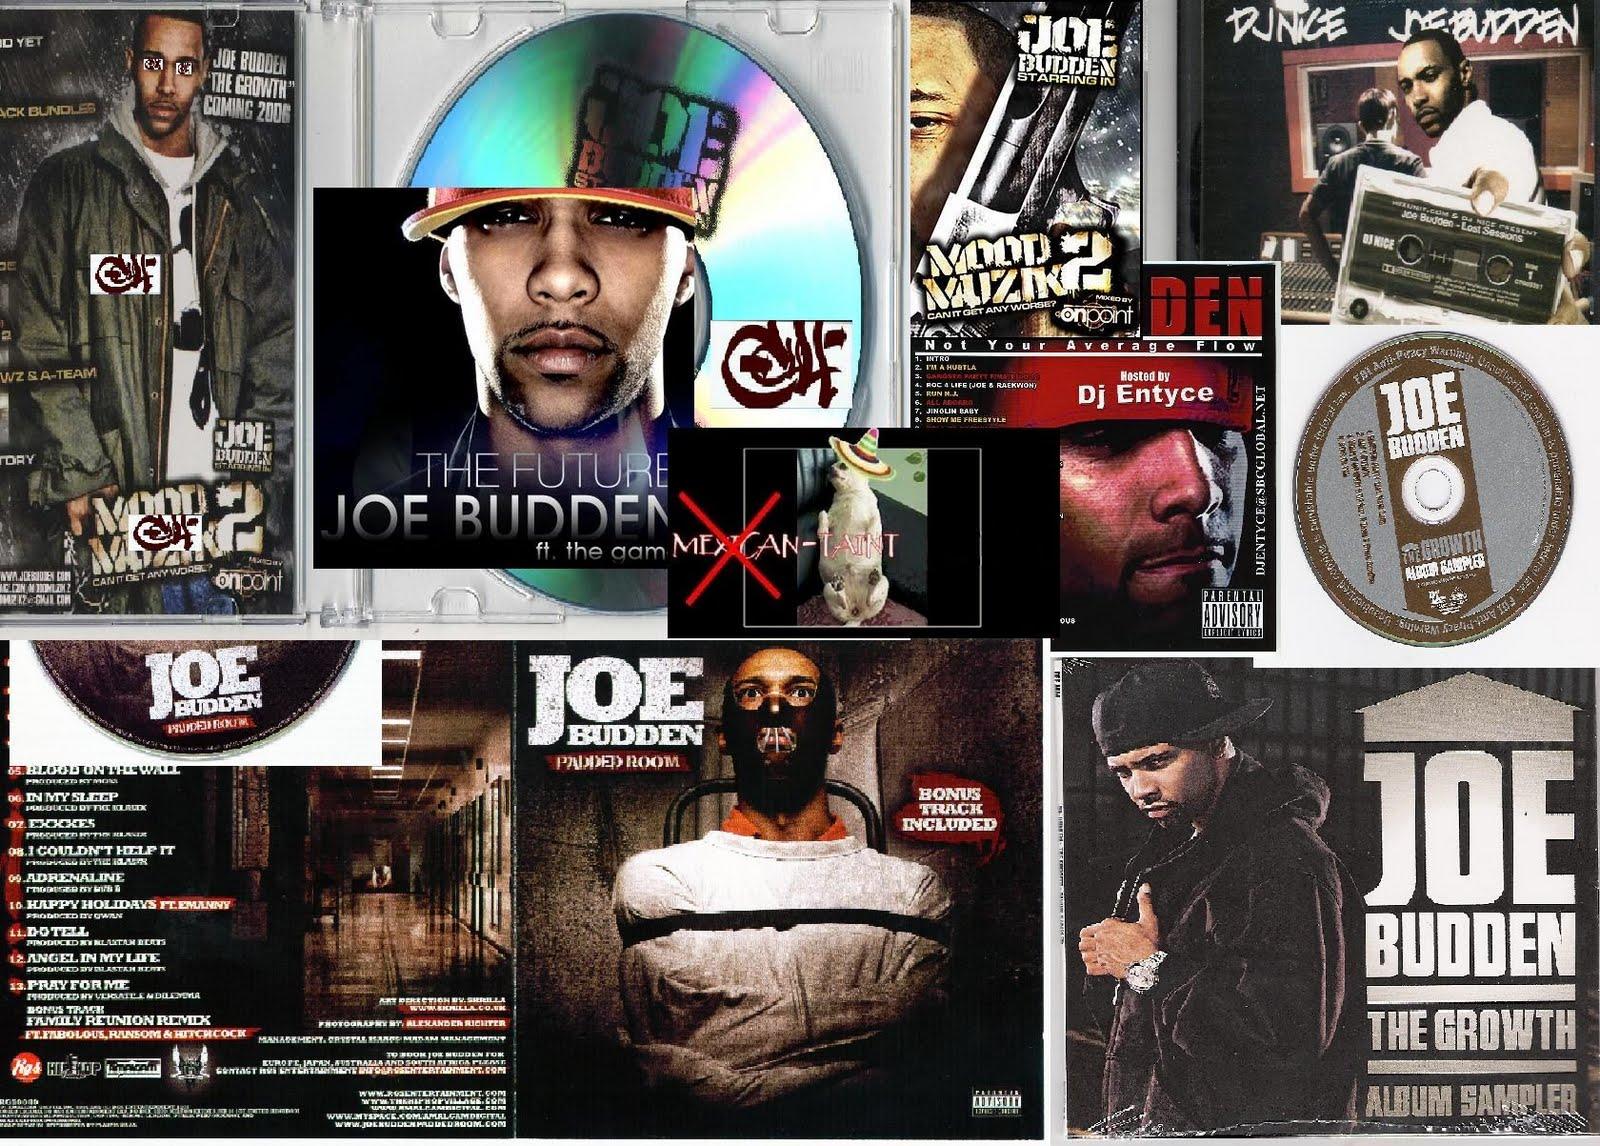 http://4.bp.blogspot.com/_GGmY1nRIvi0/Sw3jluCi0eI/AAAAAAAADyk/WdHLQCUXNhc/s1600/Joe_Budden_Discography.jpg